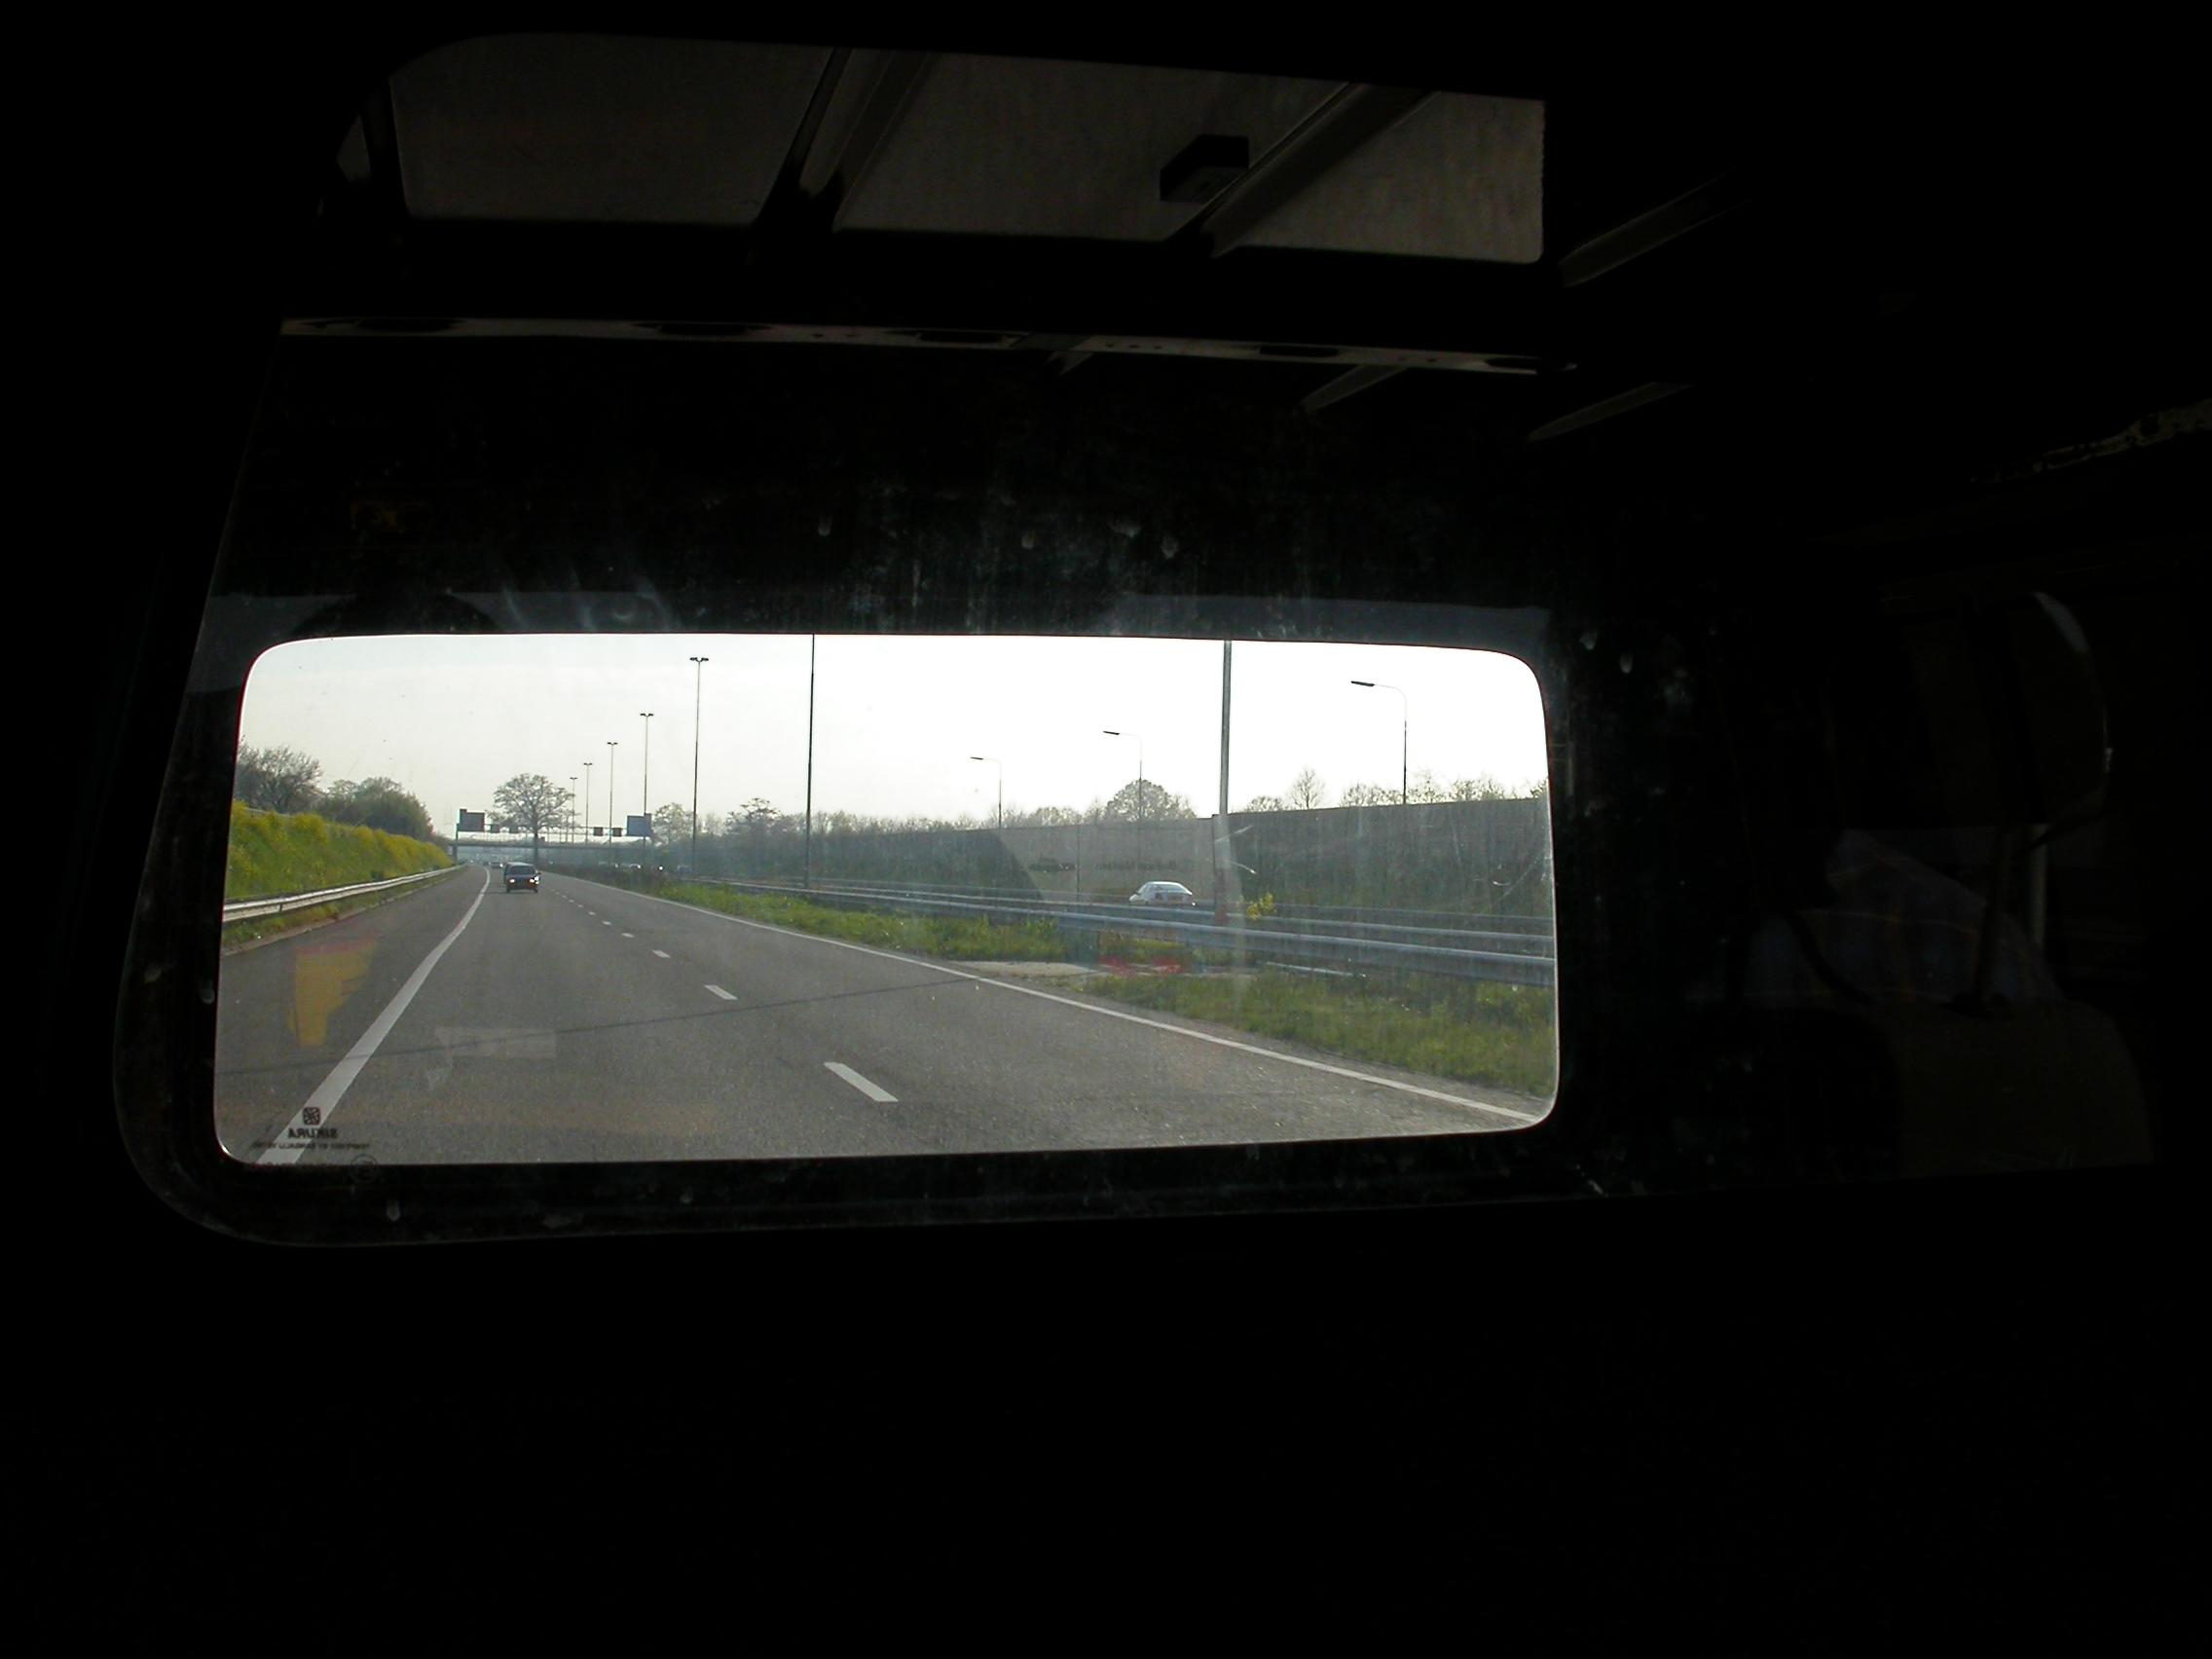 paul rear view window road car